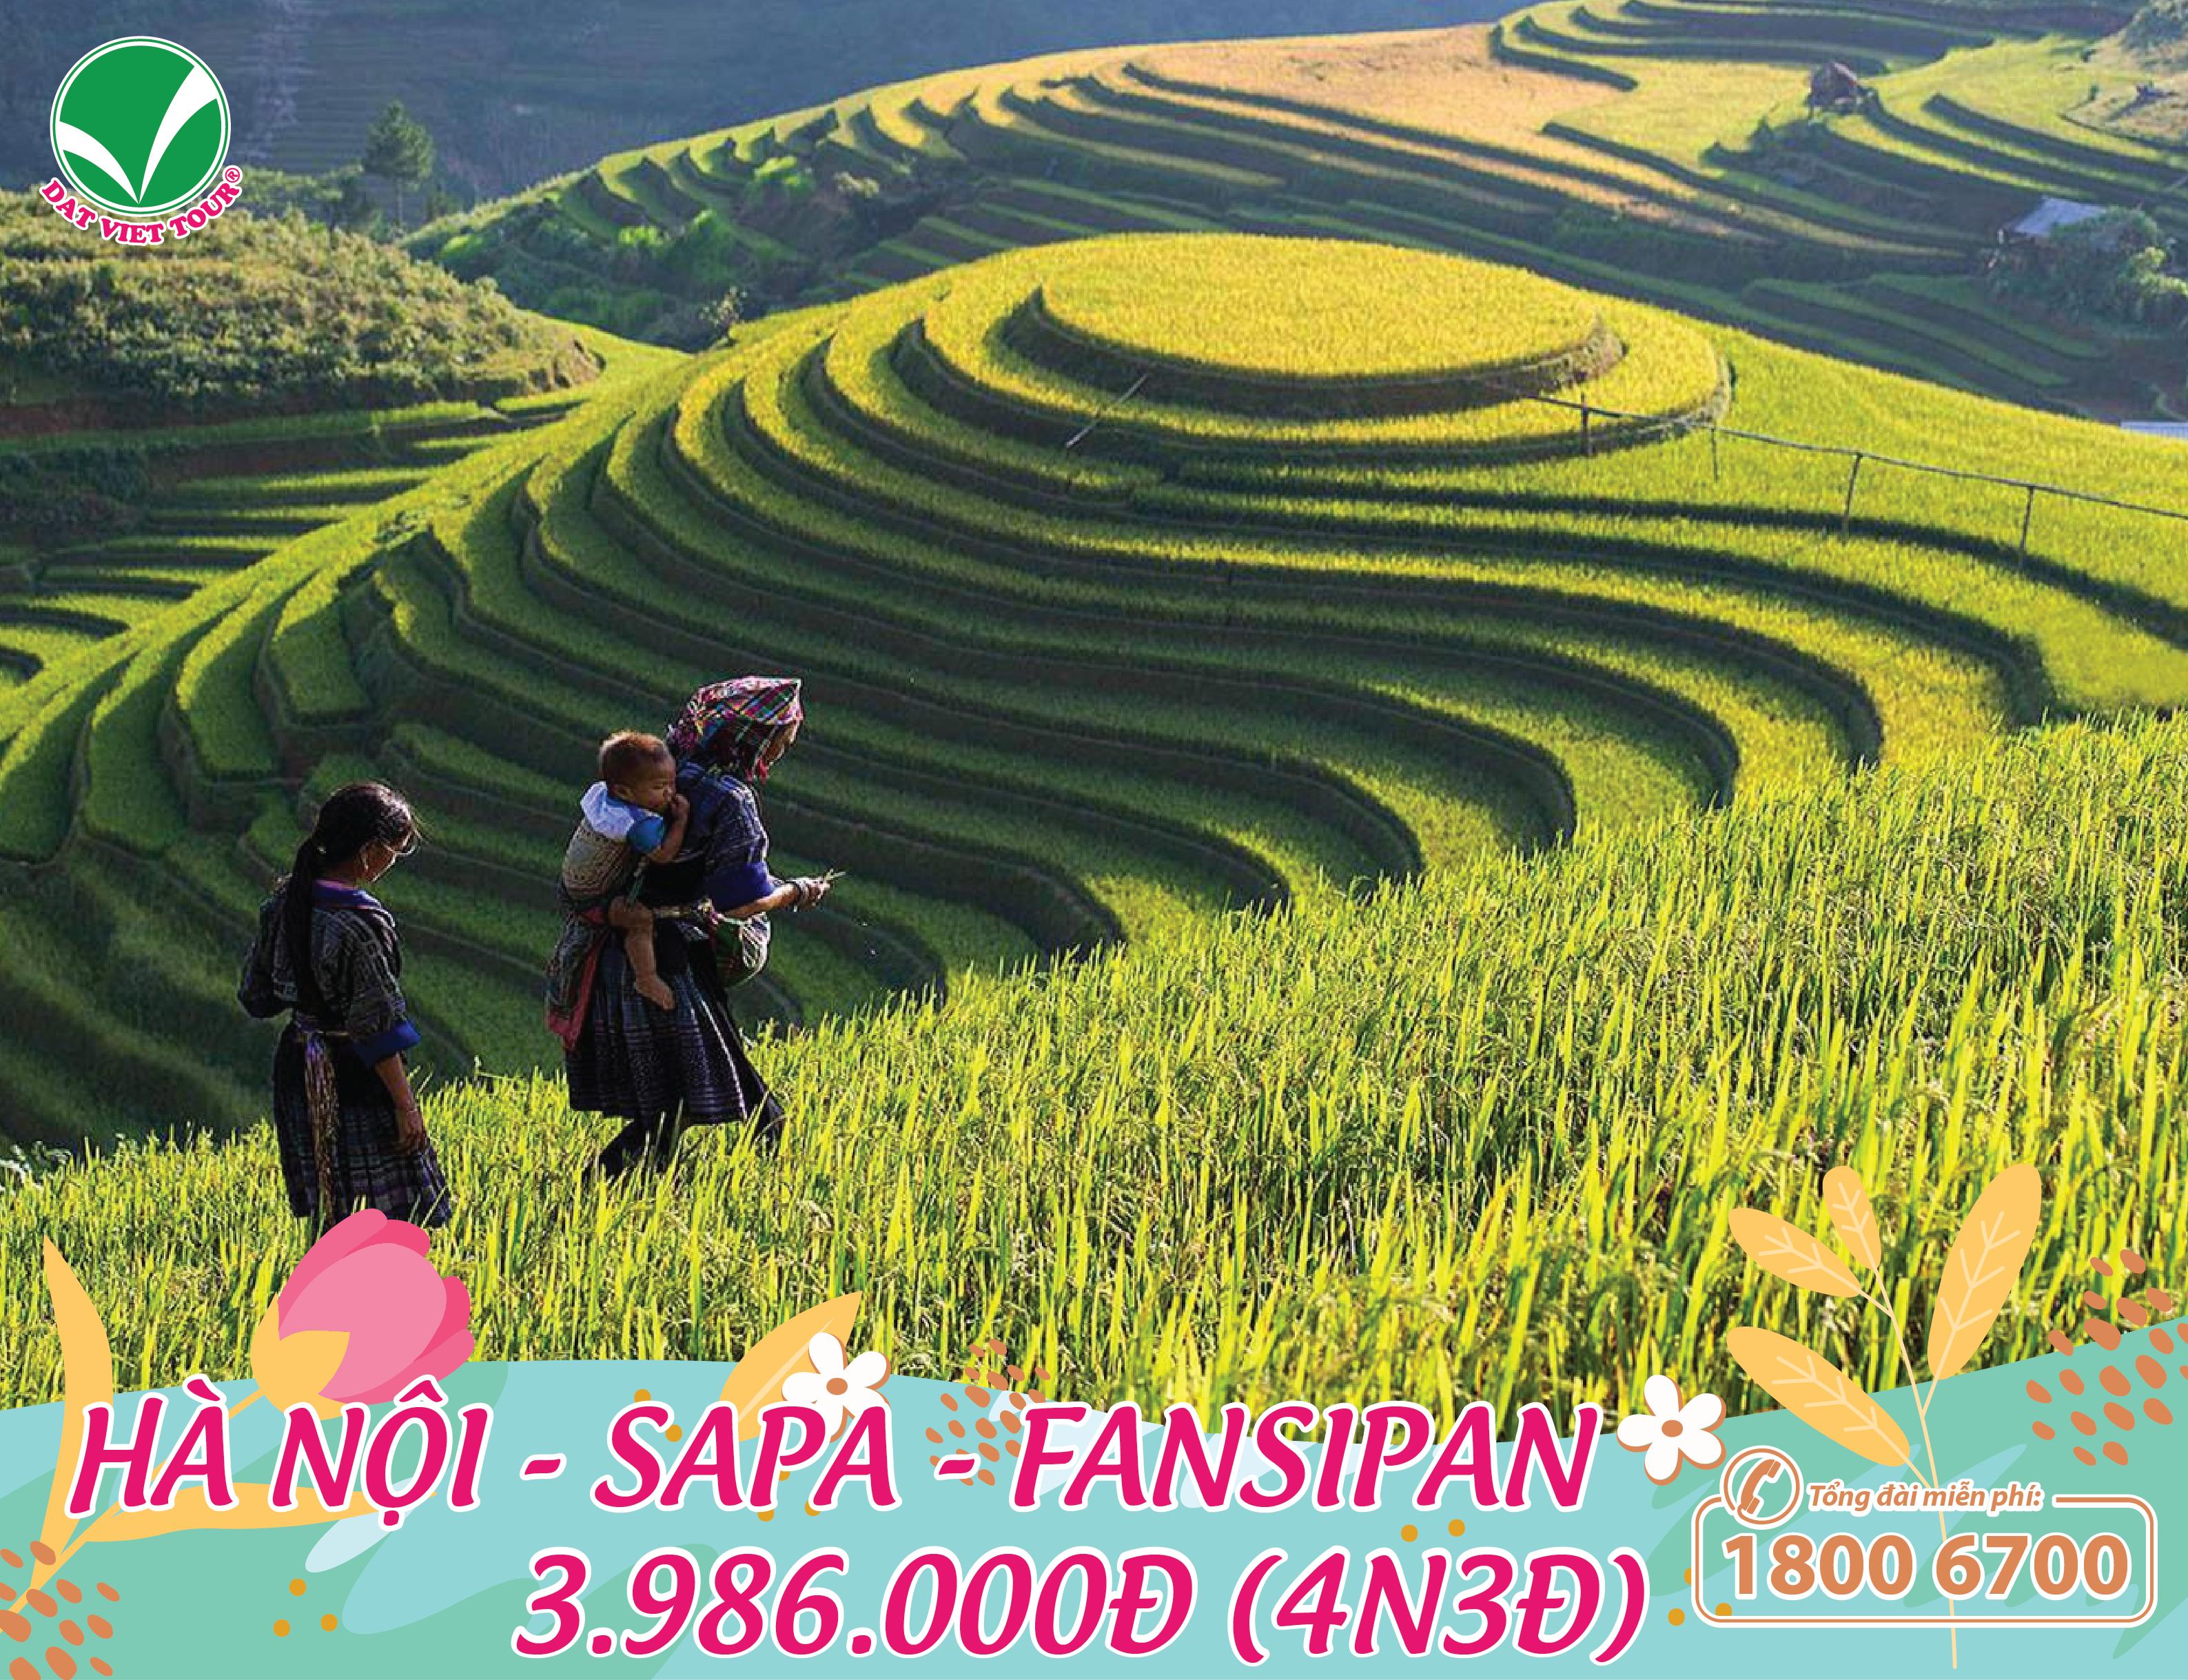 Tour Hà Nội - Sapa